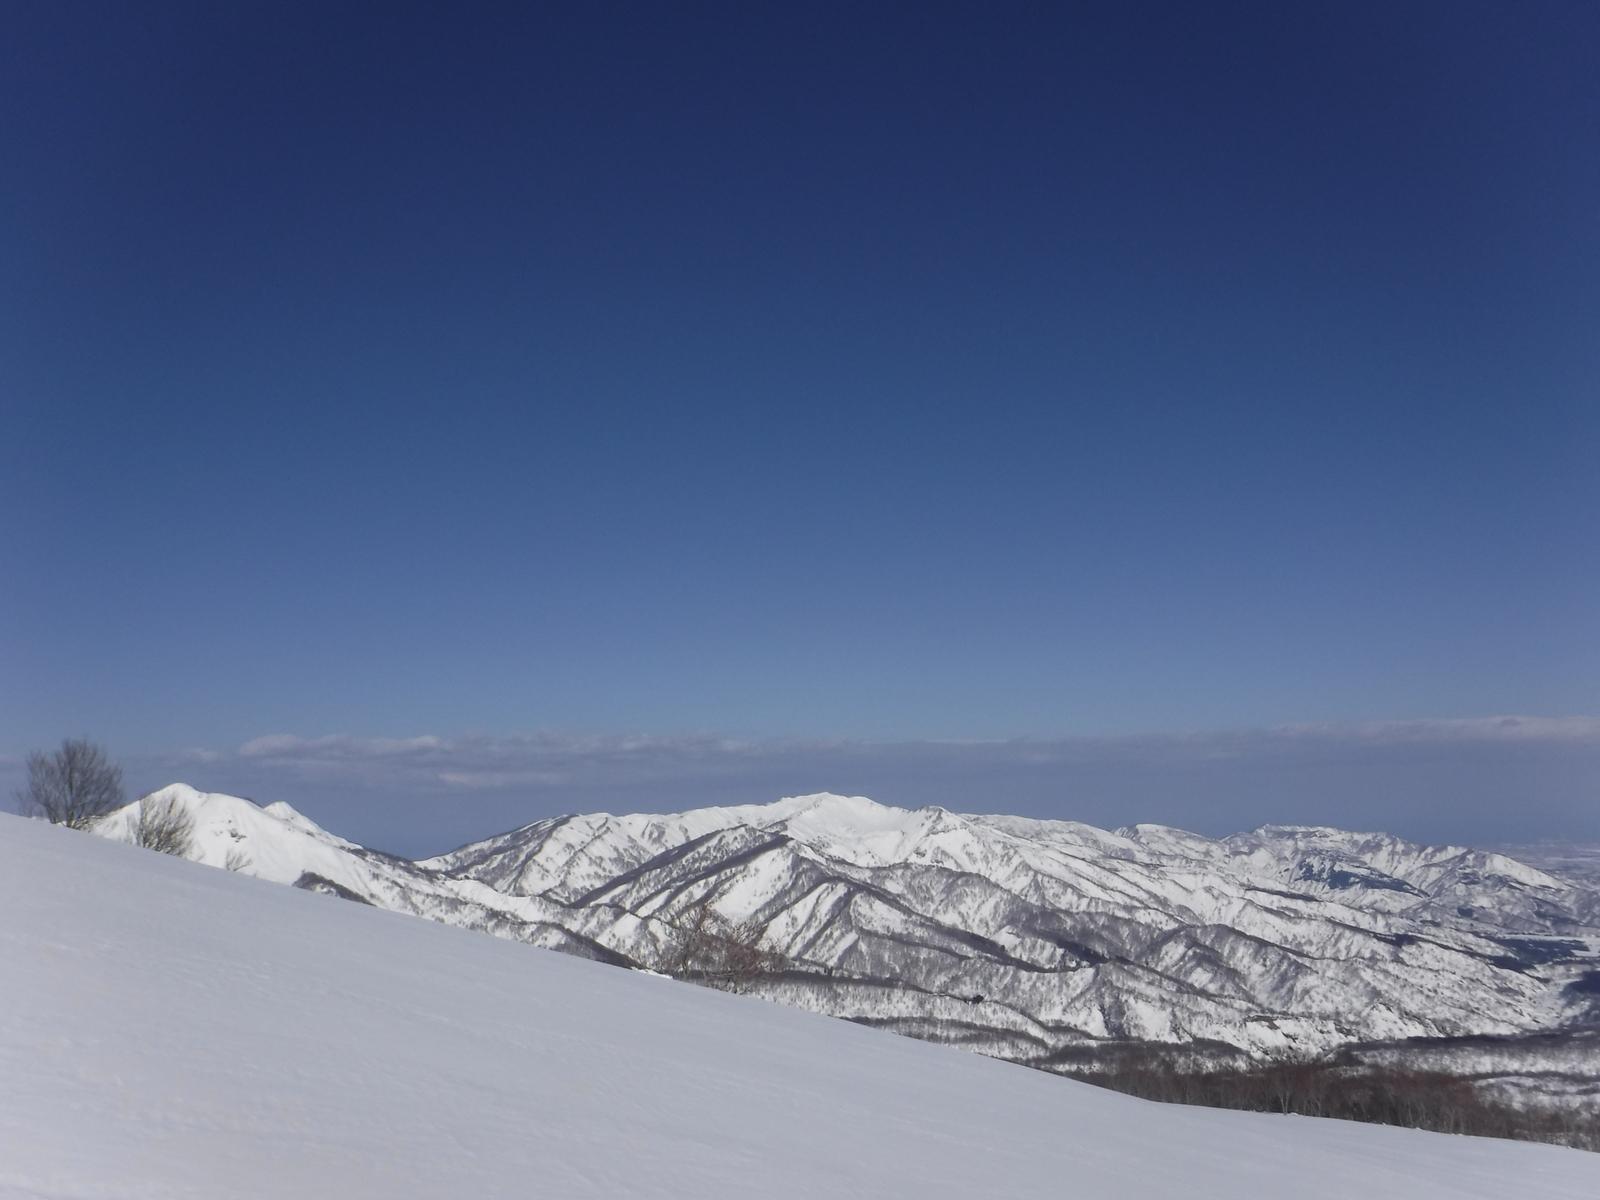 10:50 大毛無山(中央)、容雅山(左)